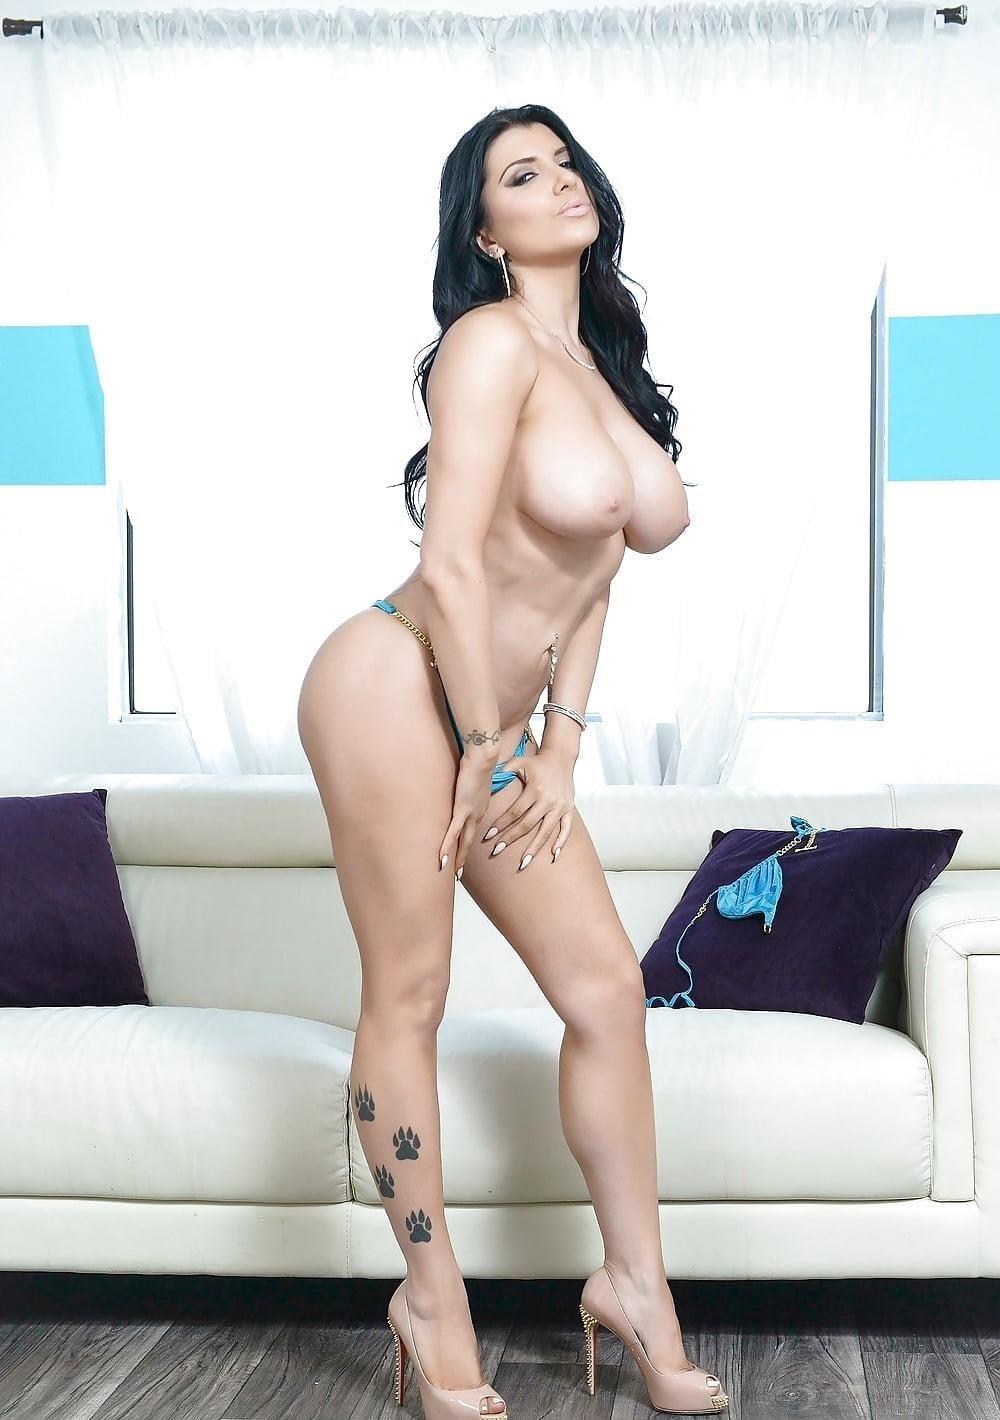 Bikini blowjob pics-9490